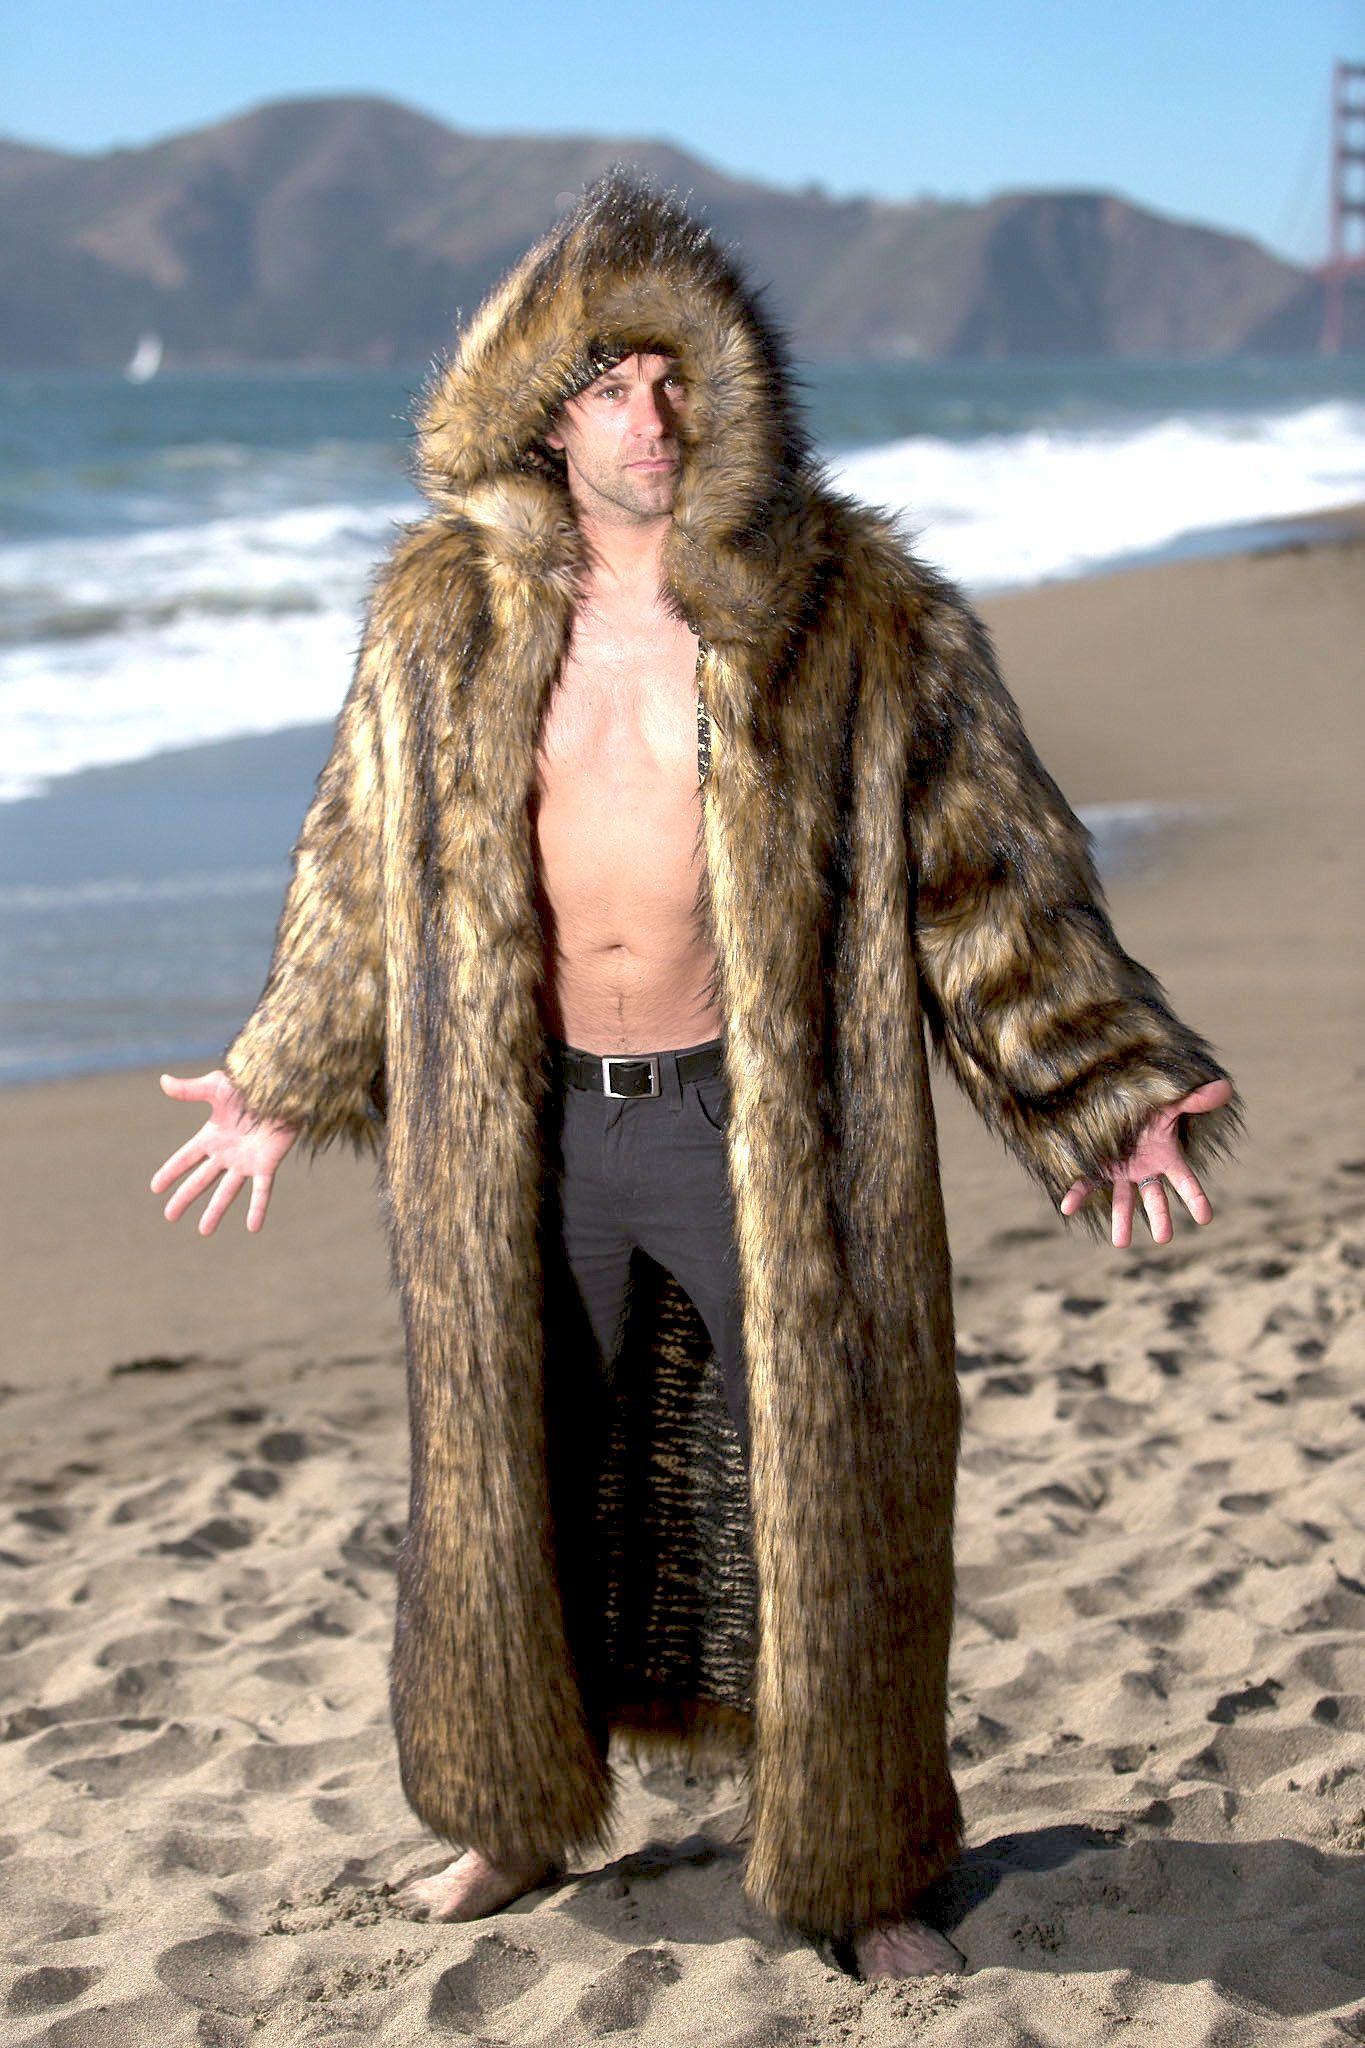 d0997352ac67 Image result for bear fur coat